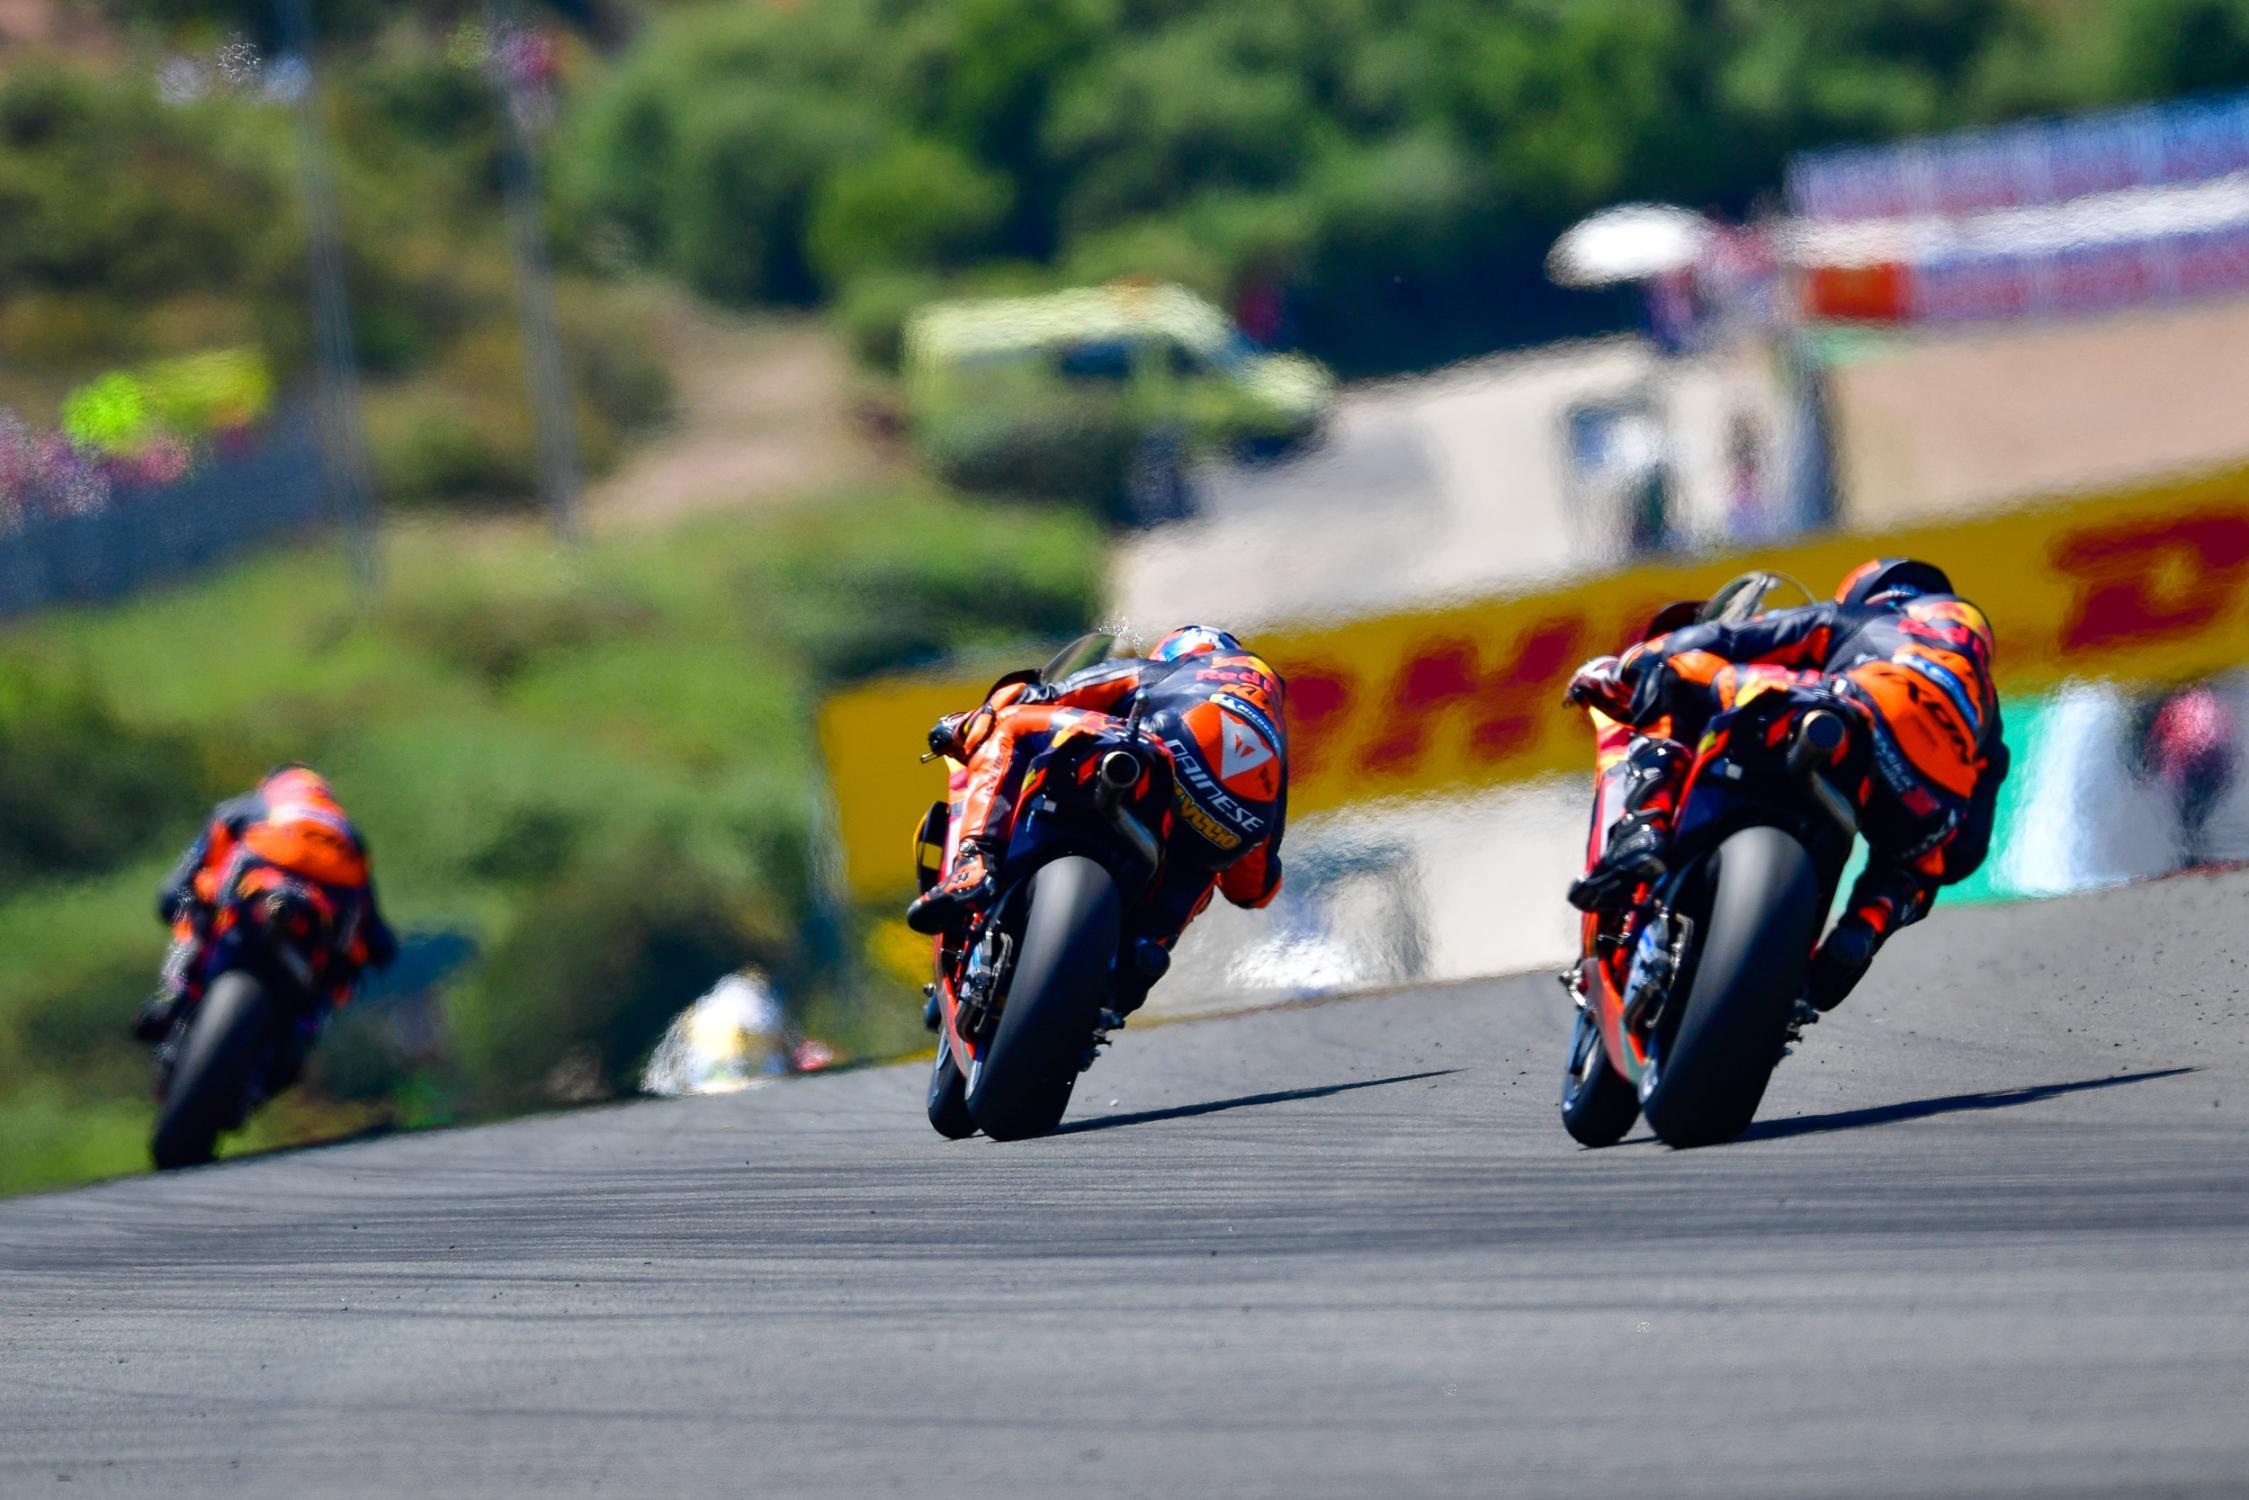 [GP] Jerez 36-mika-kallio-motogp-38-bradley-smith-eng-44-pol-espargaro-esp_ds56726.gallery_full_top_fullscreen